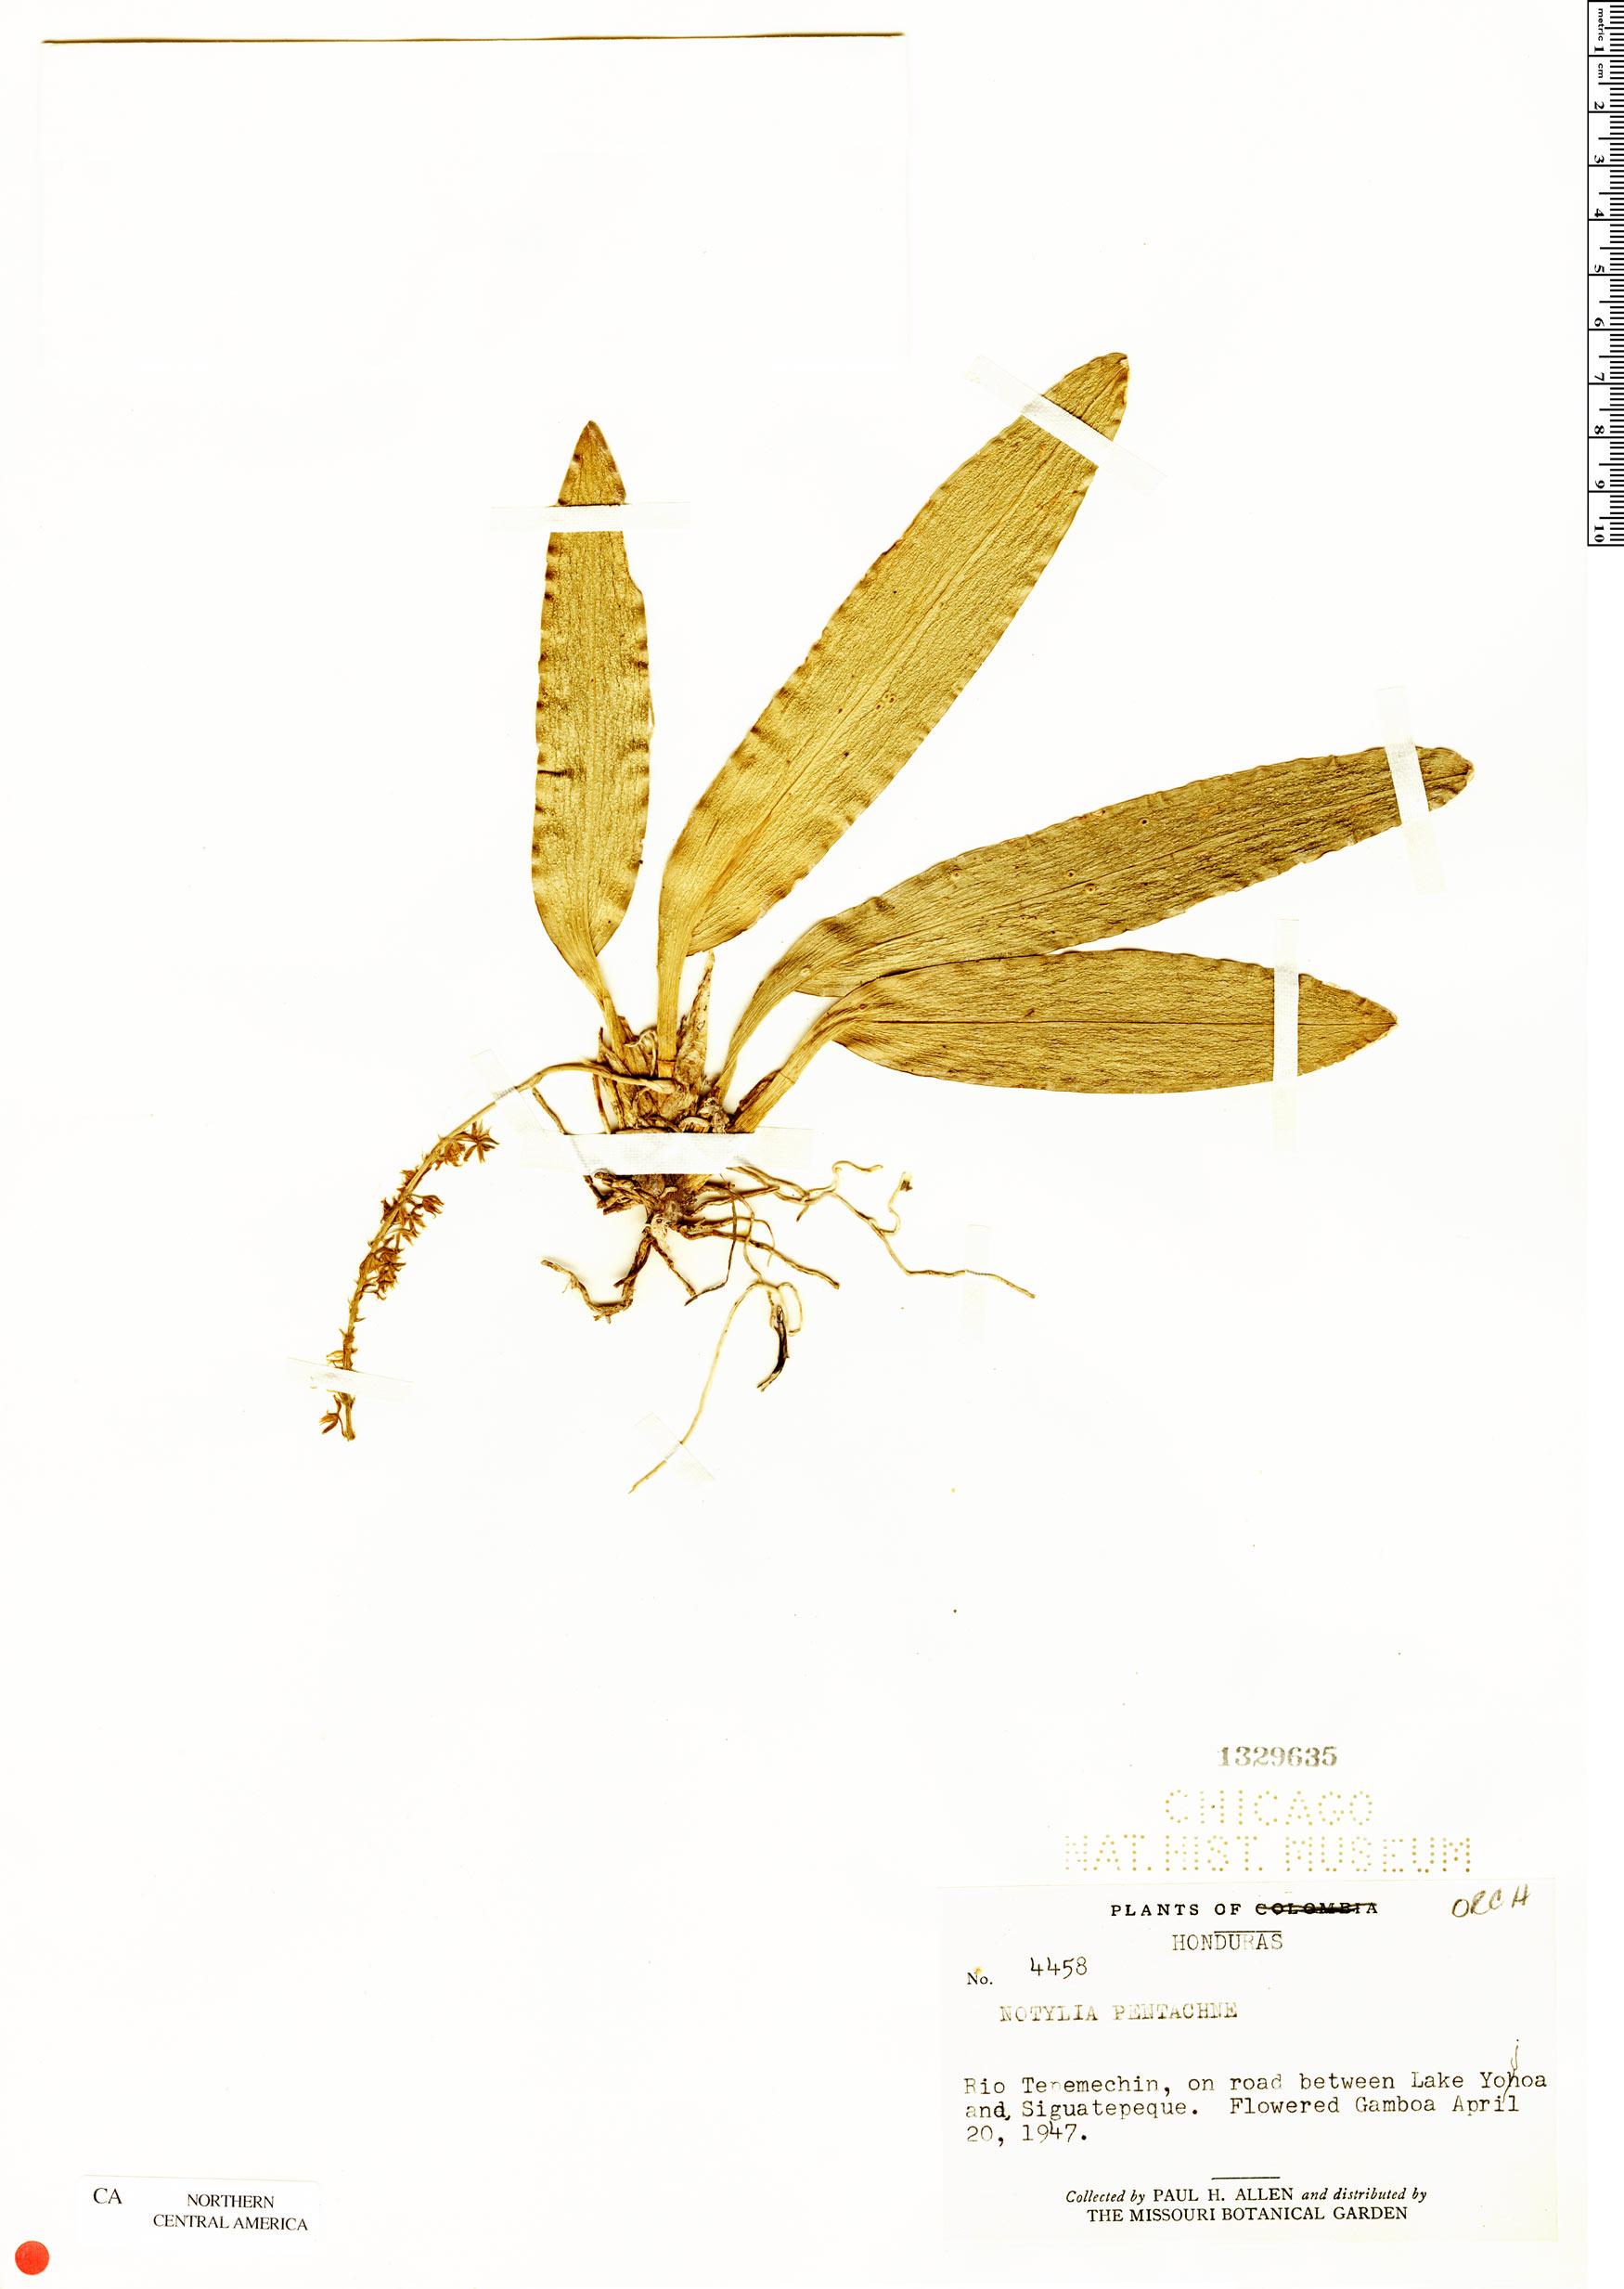 Specimen: Notylia pentachne